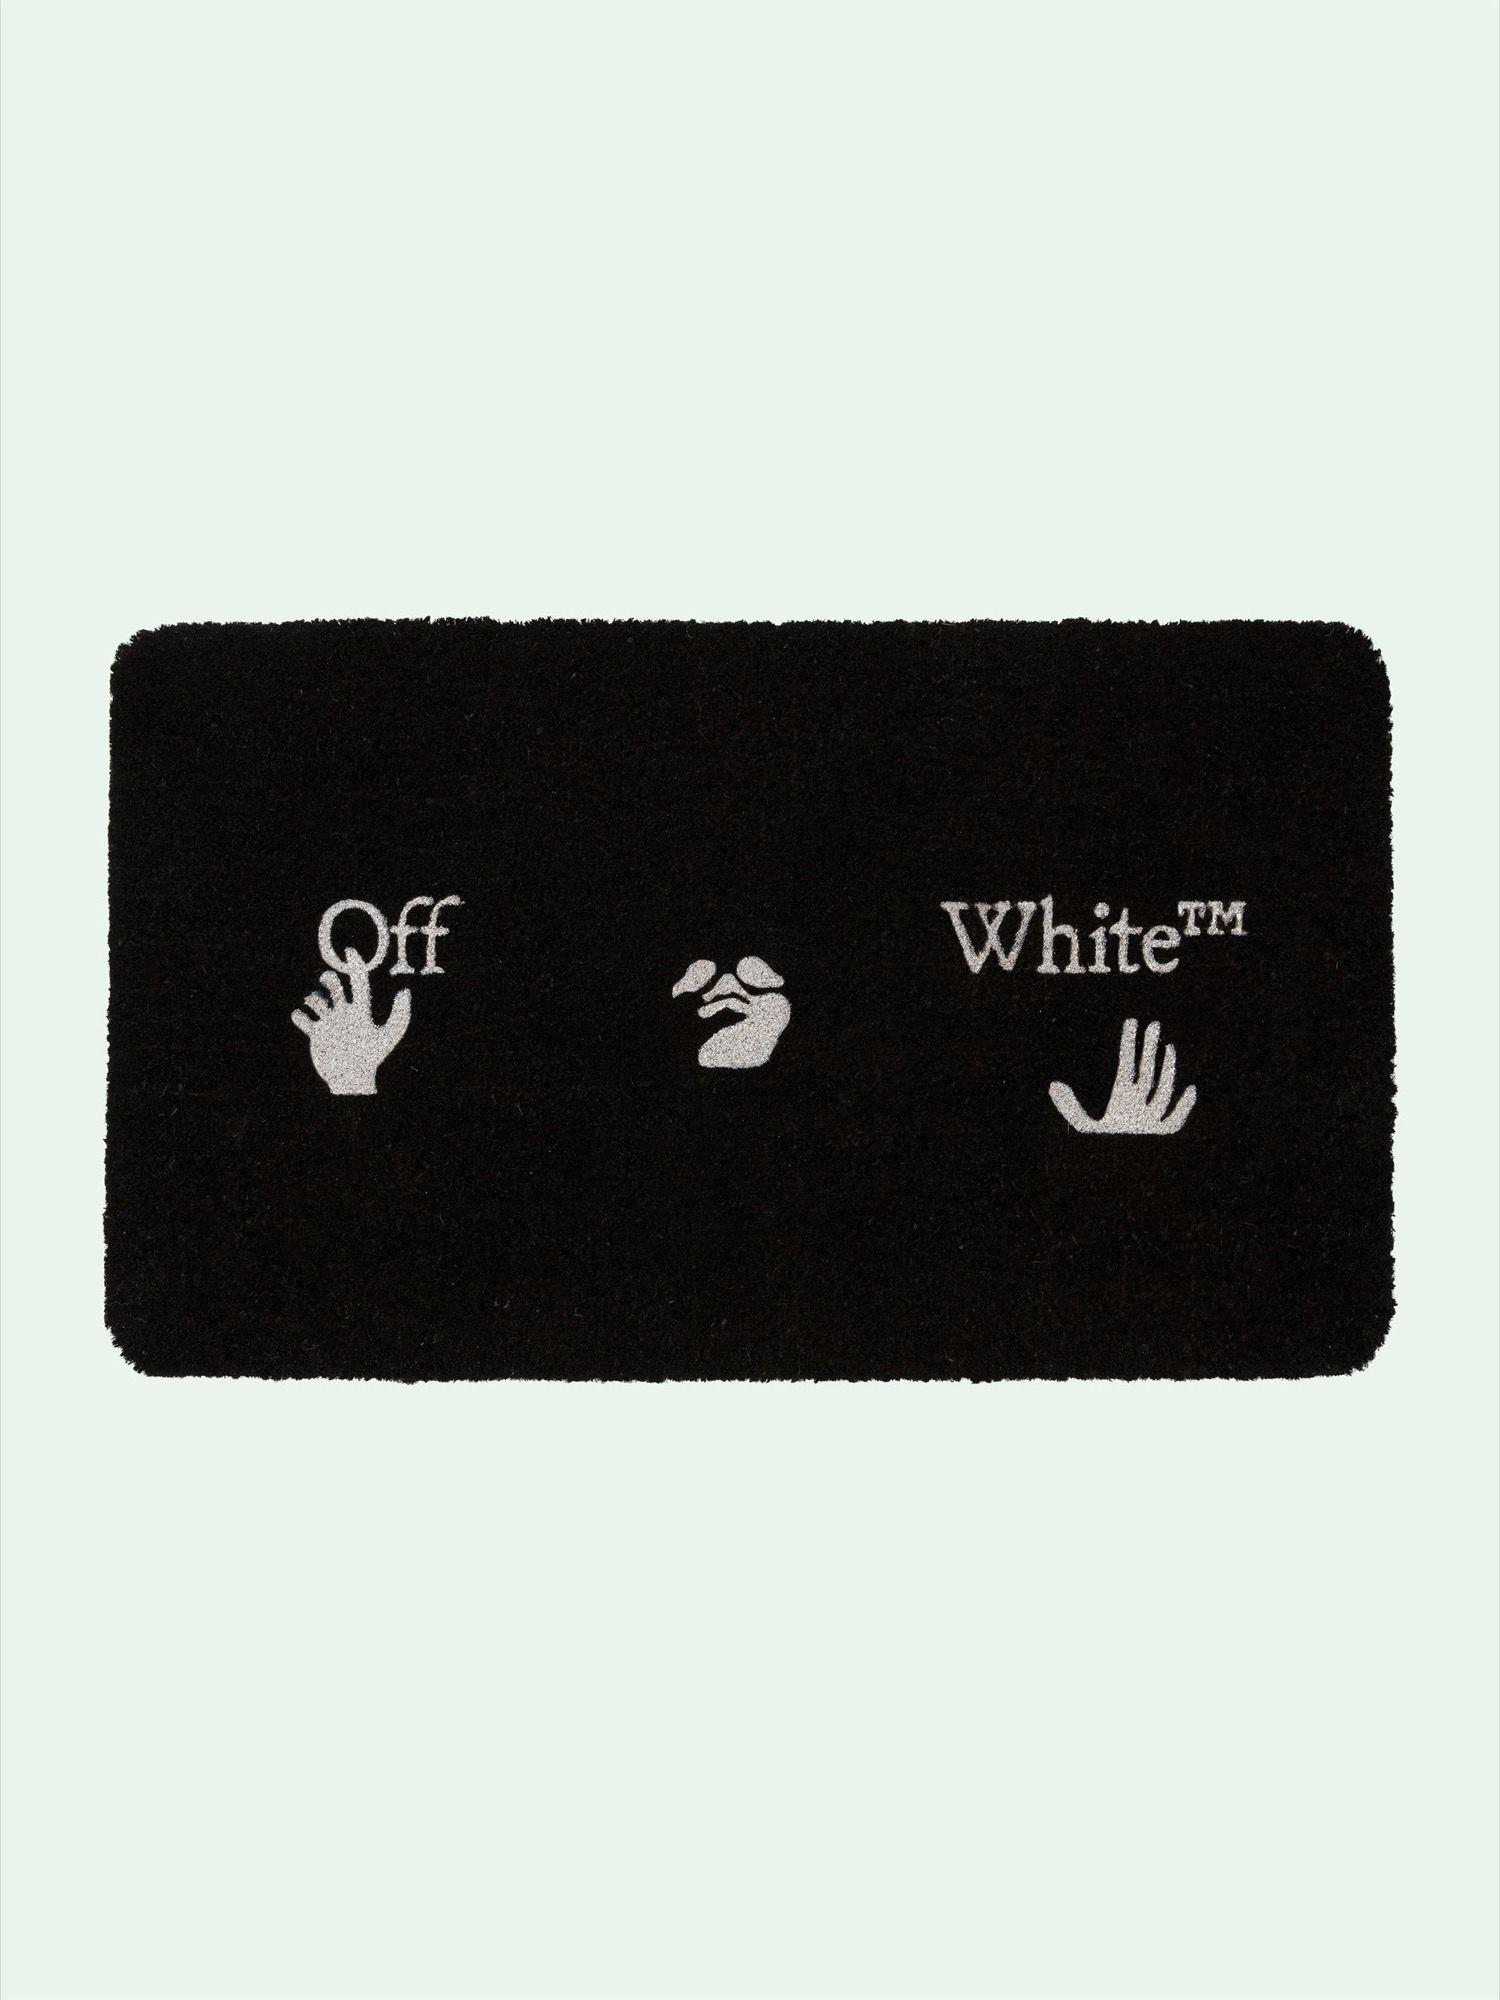 Off -white zerbini - neomag.